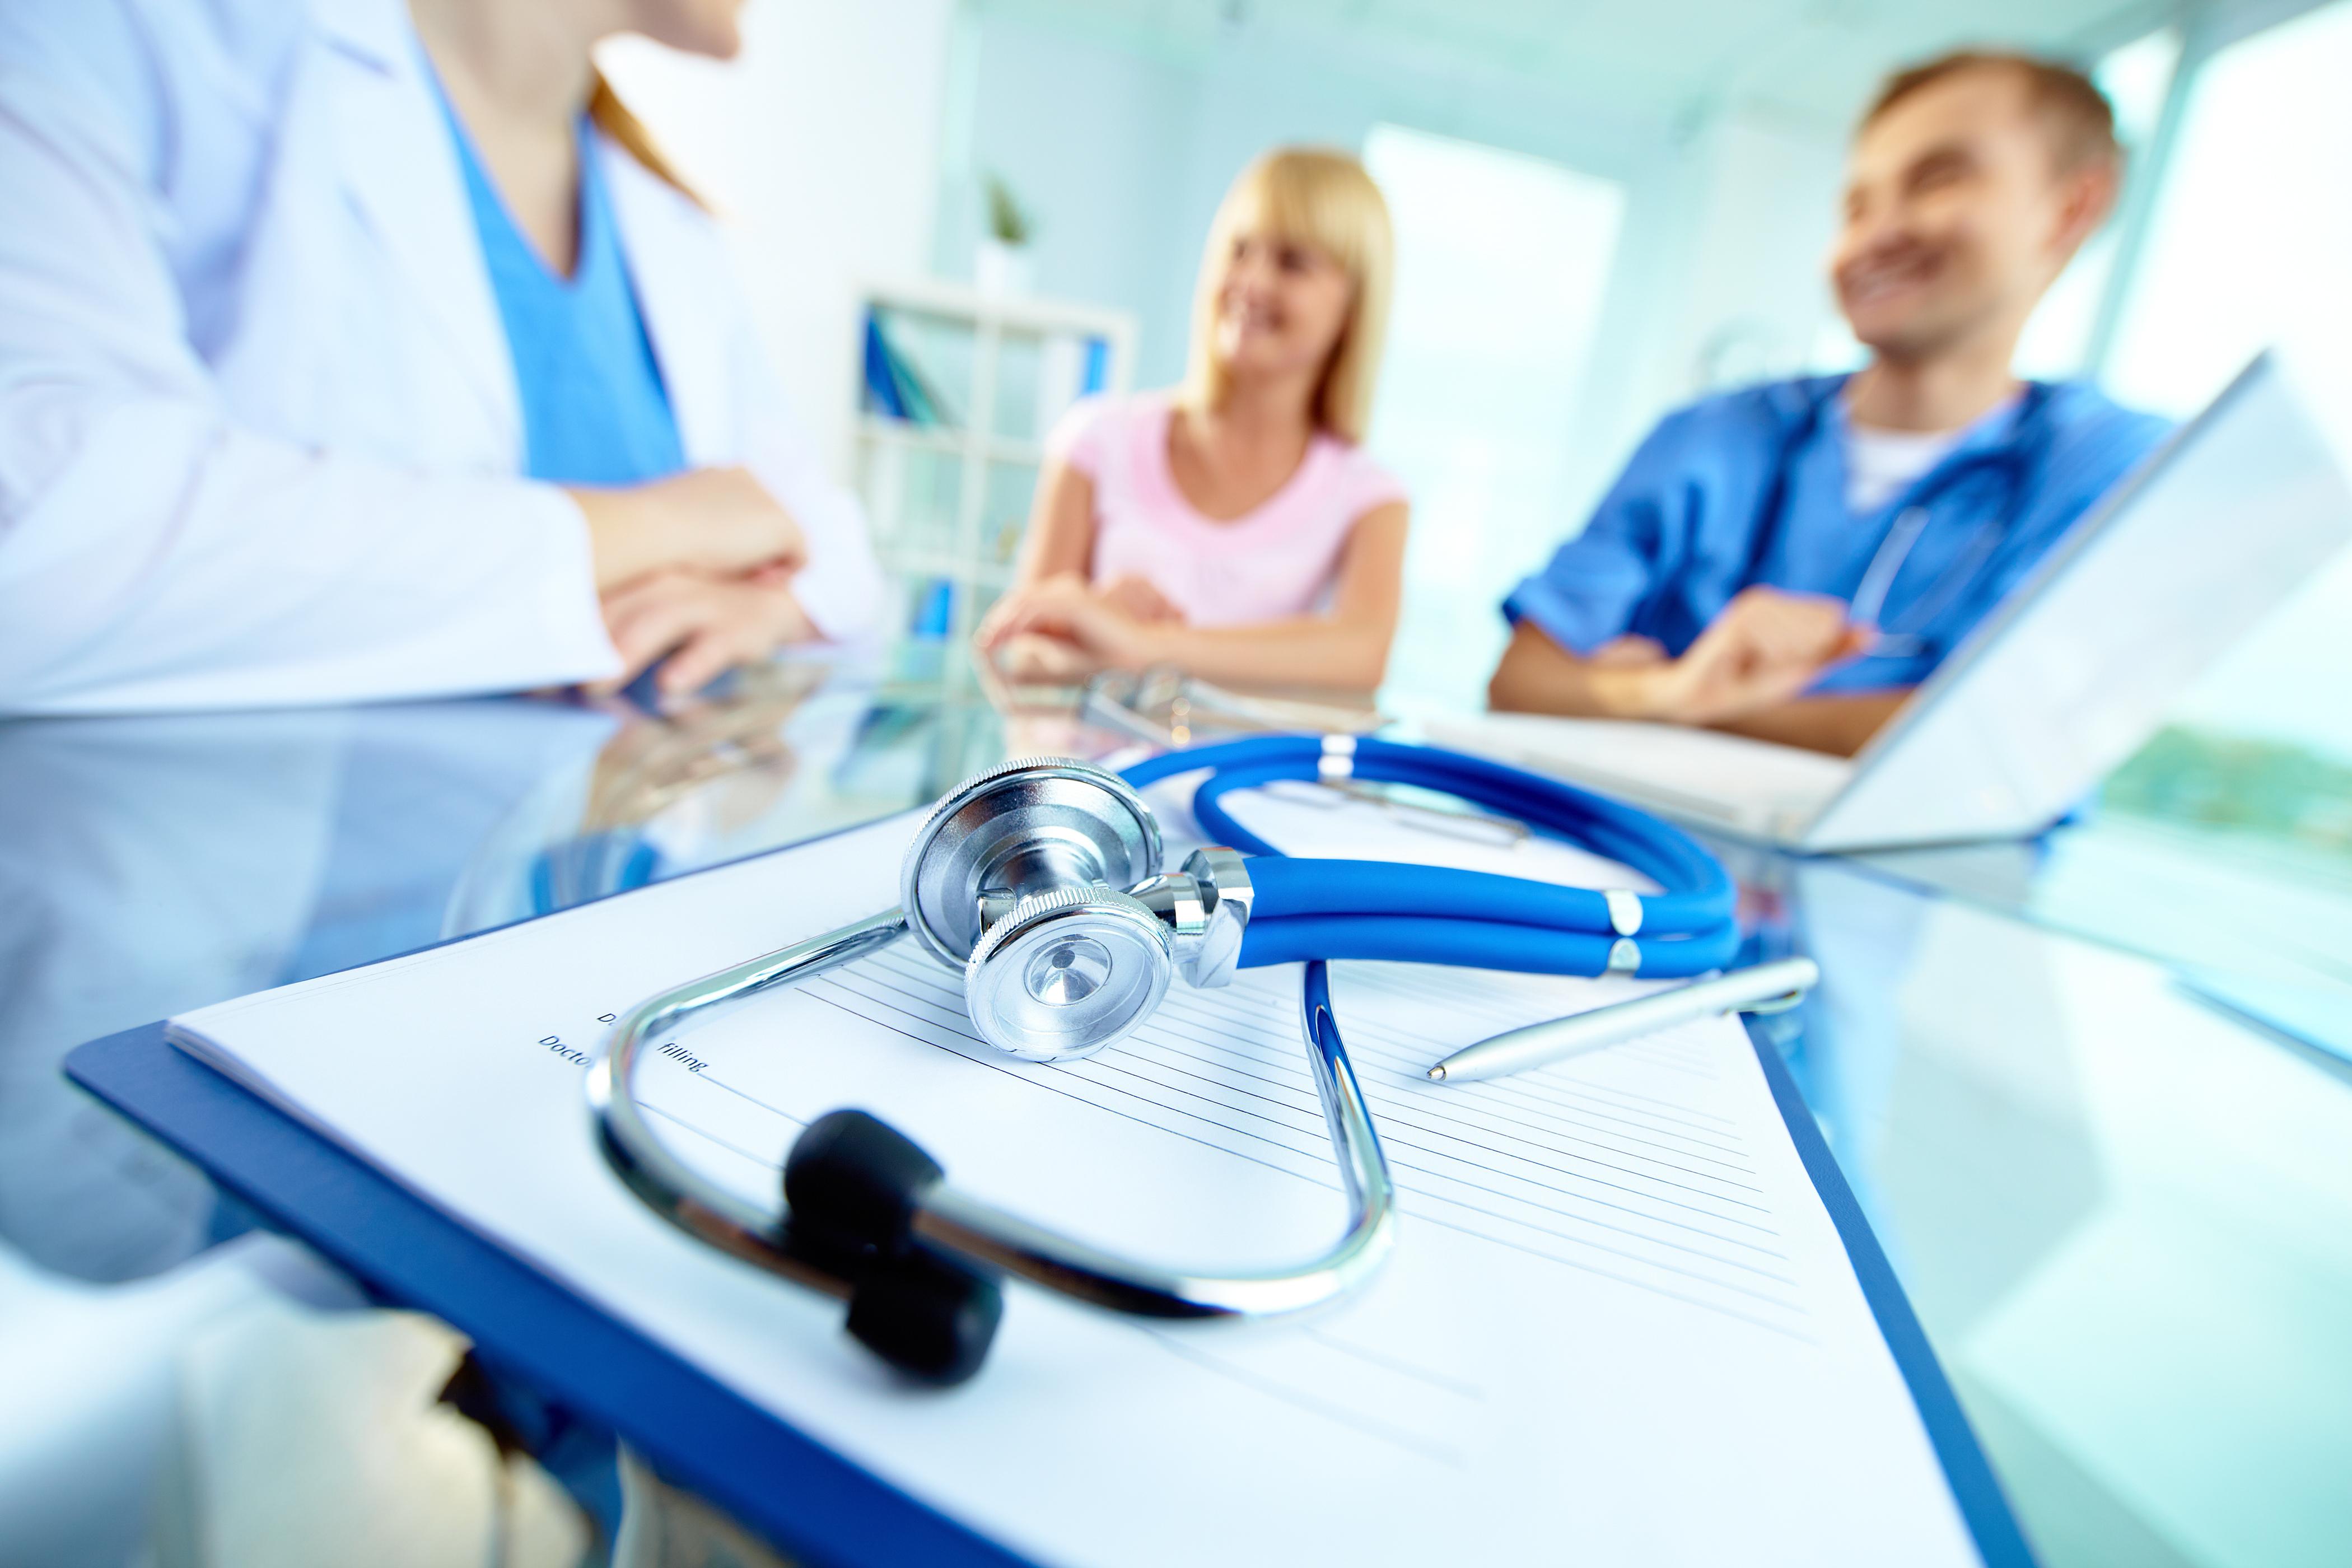 рейтинг врачей и клиник на основе отзывов